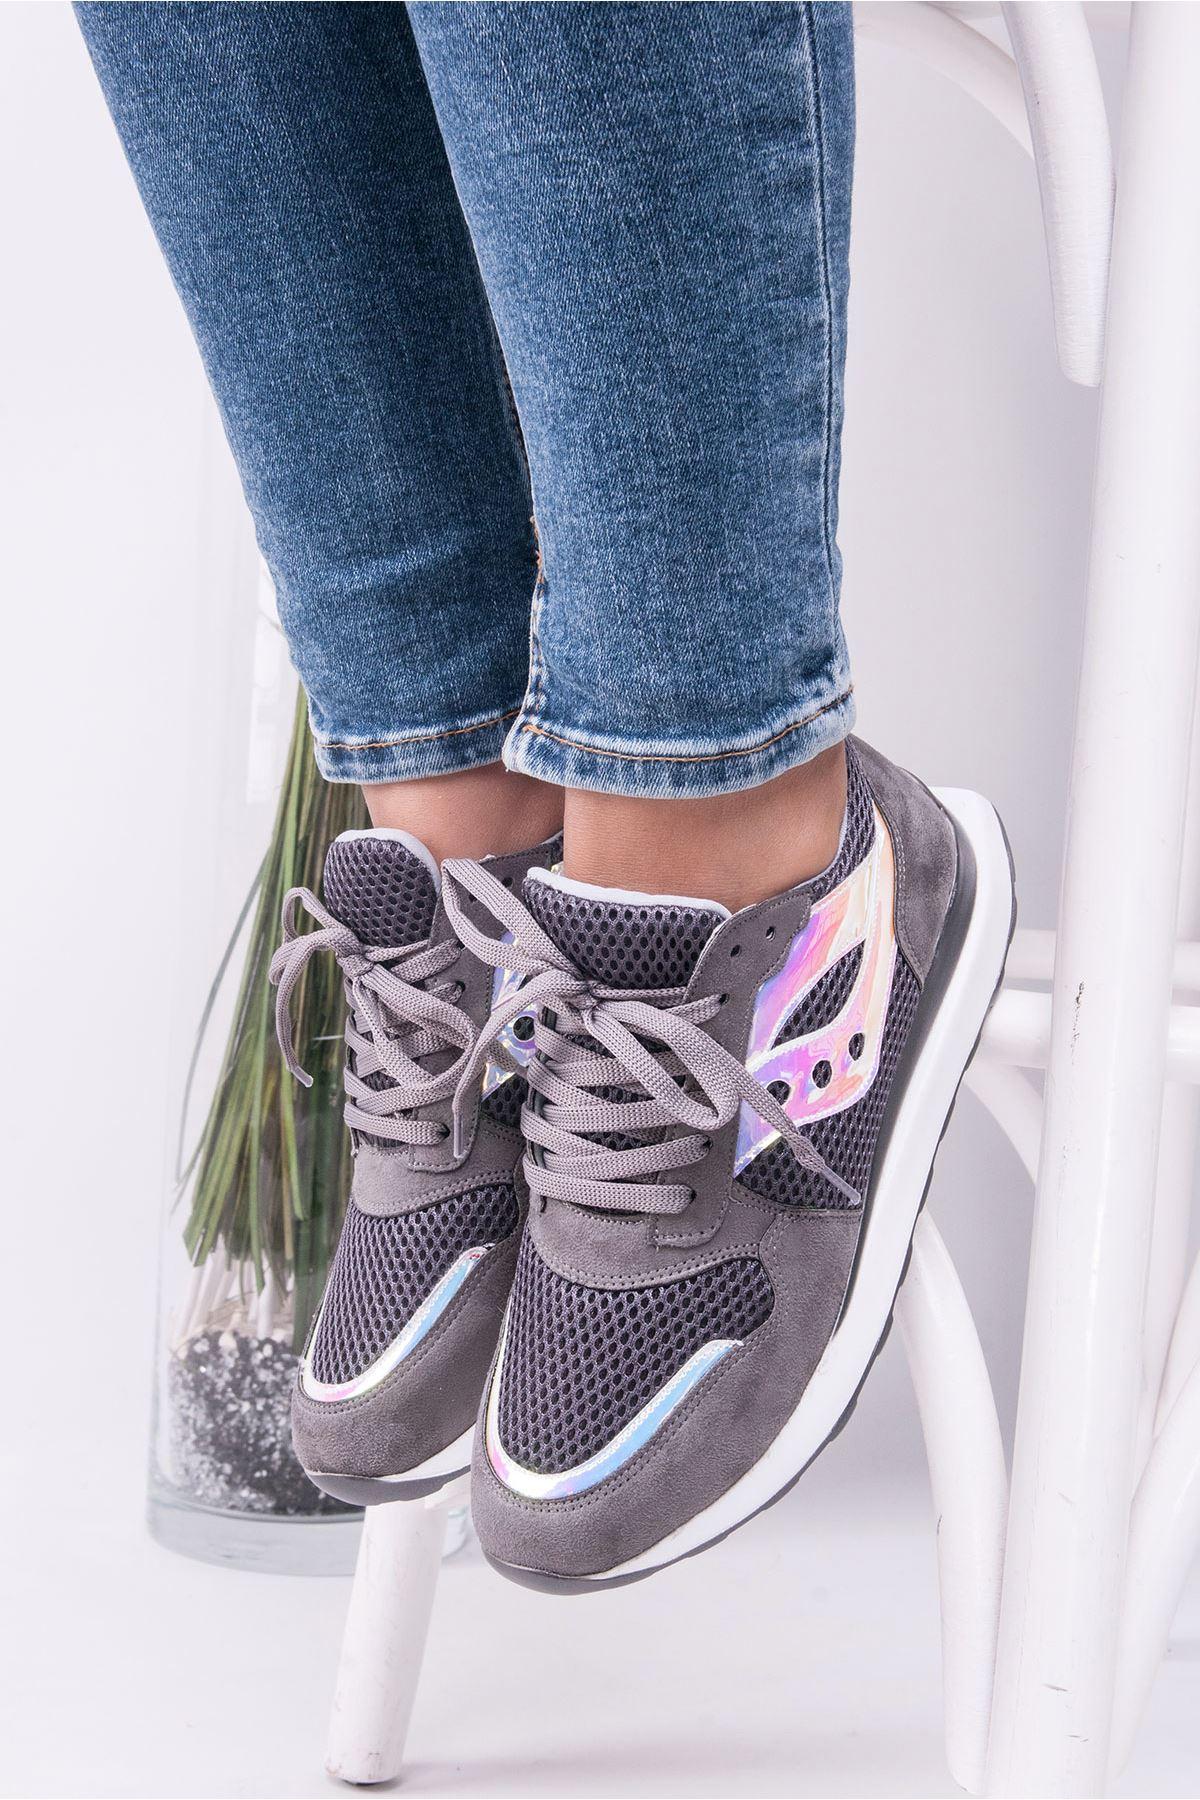 Andiyo Füme Hologram Detaylı Ortapedik Bayan Spor Ayakkabı